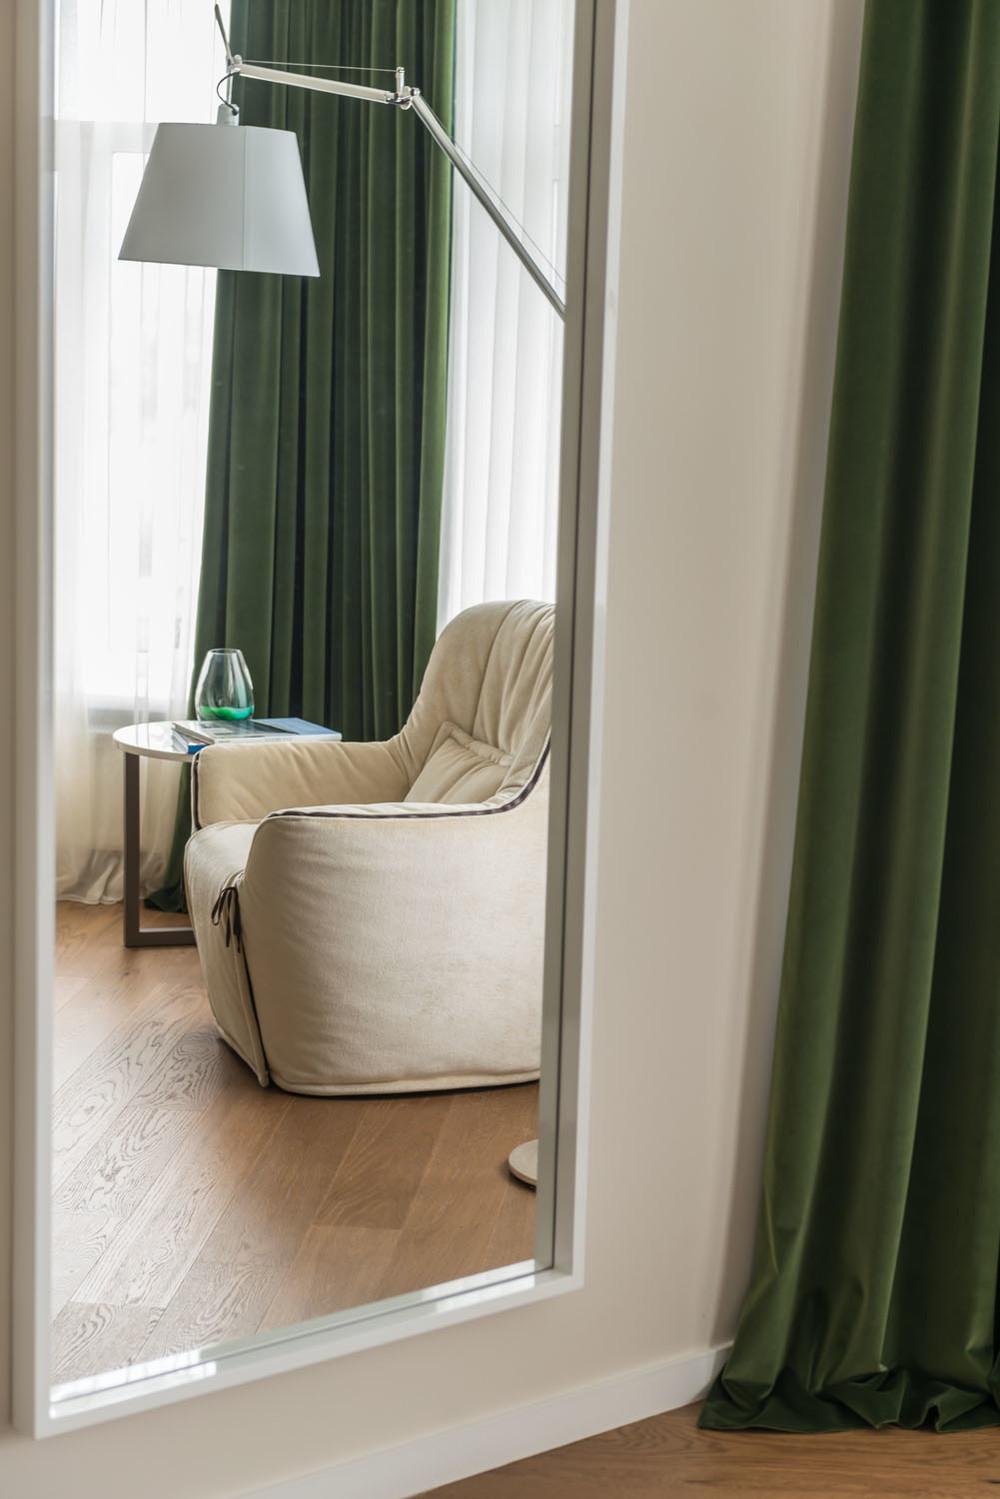 Квартира «Green and Wood», спальня, фото из проекта